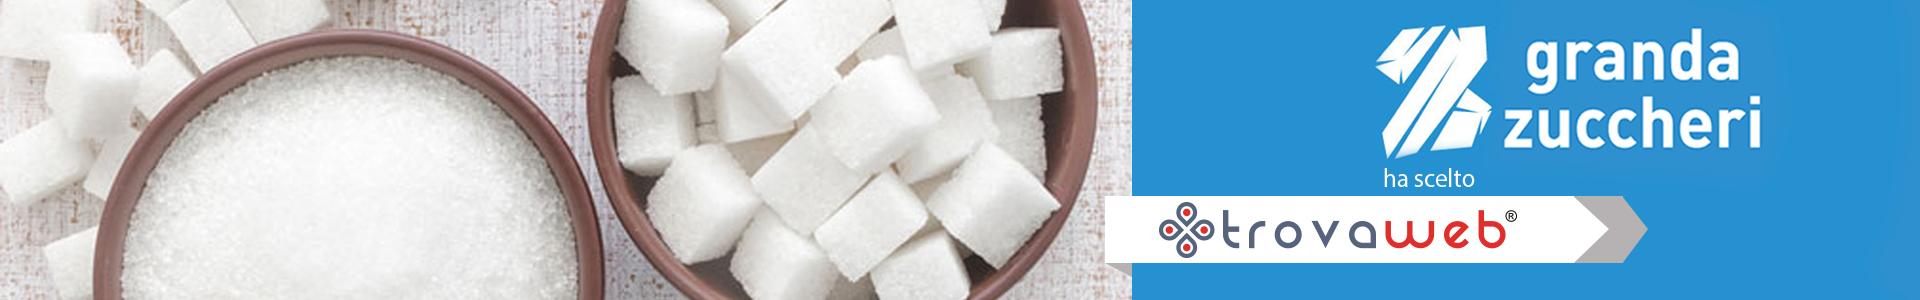 格兰达糖 - 批发为制糖业